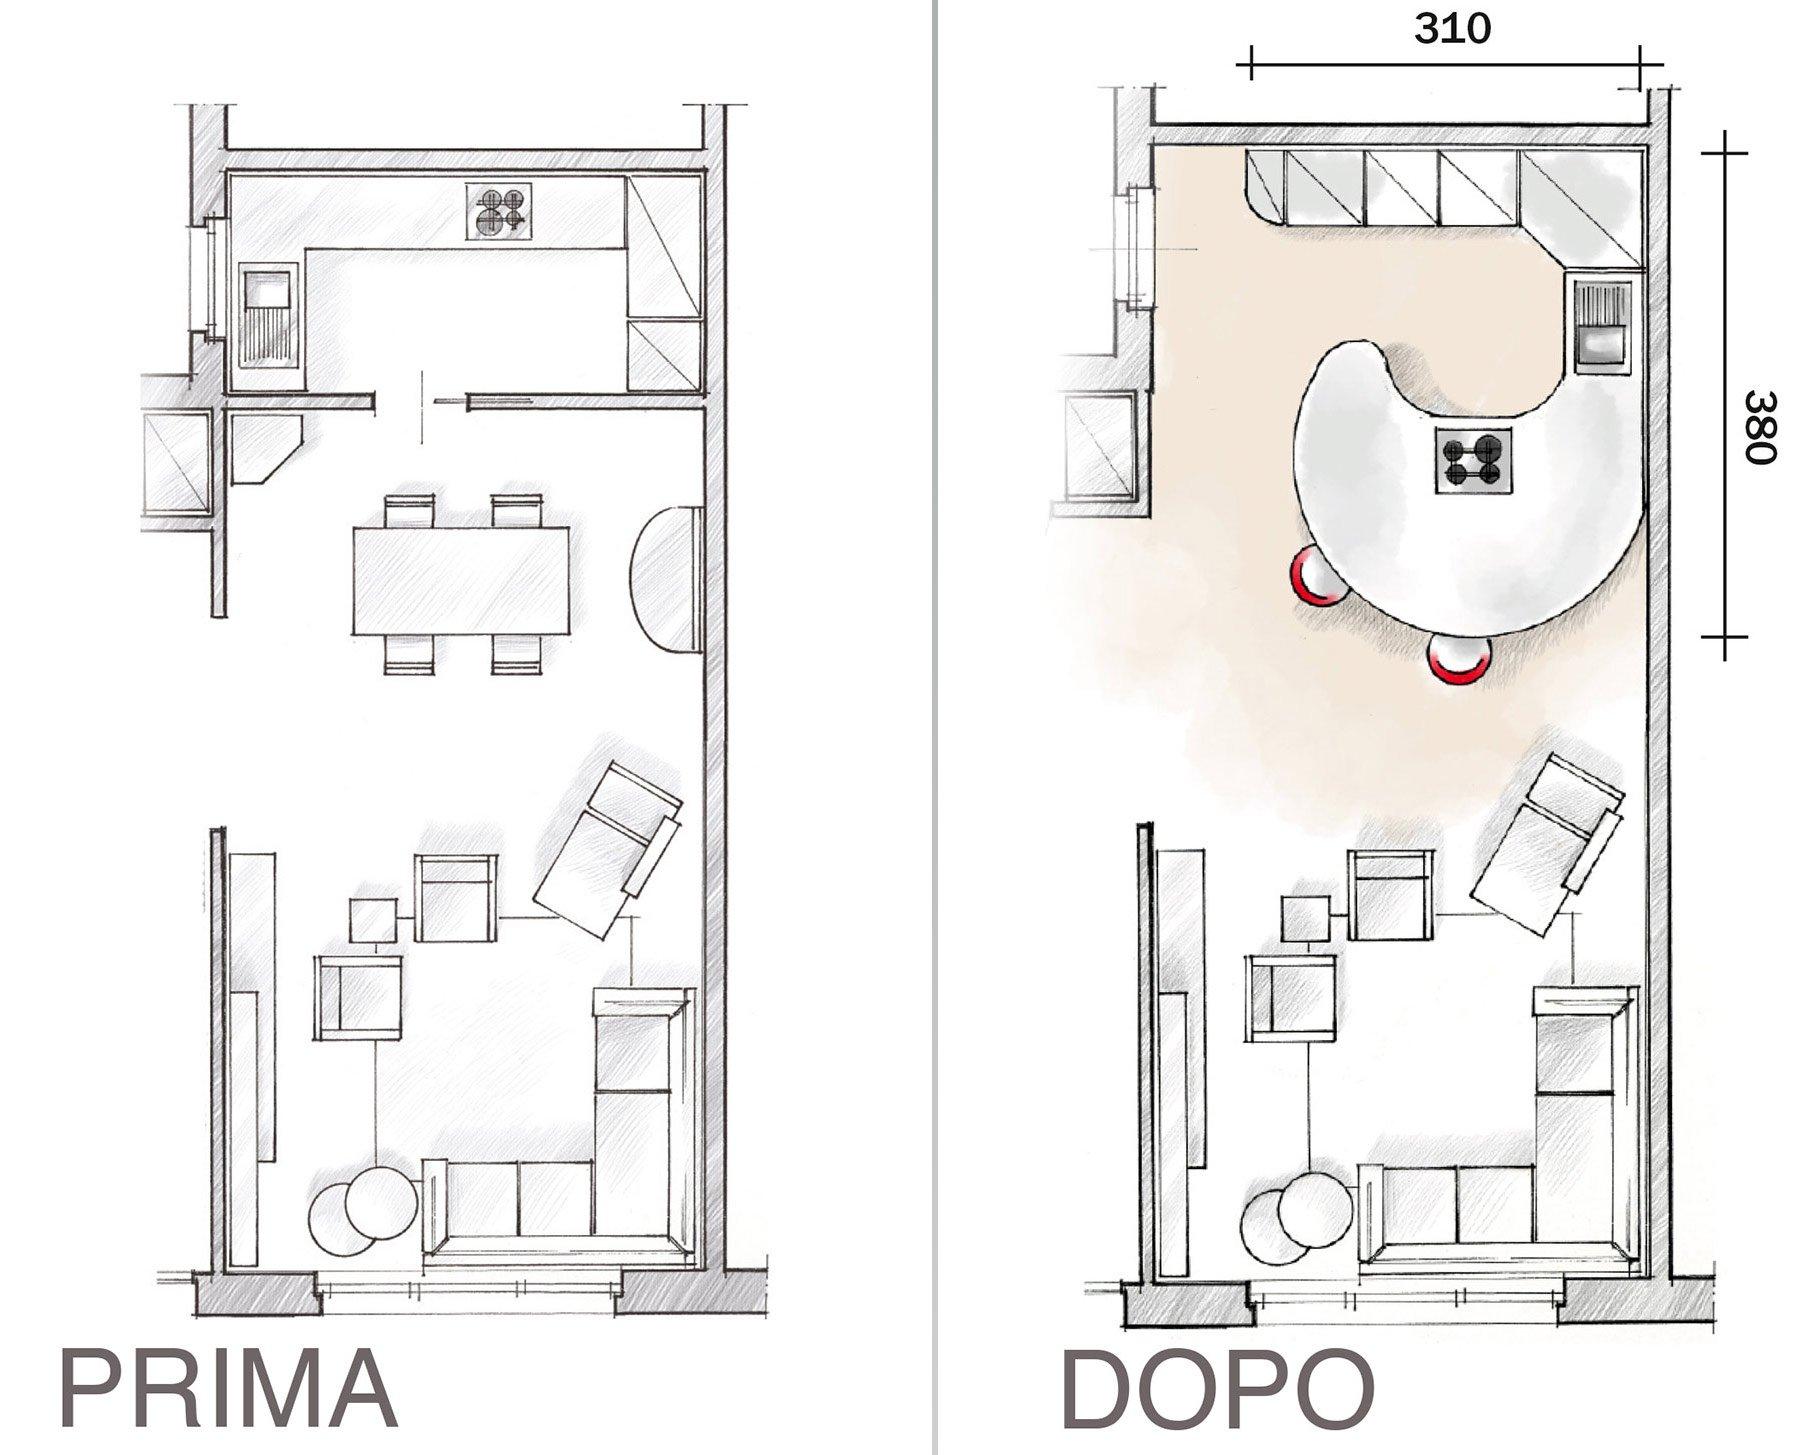 100+ [ Dimensioni Isola Cucina ] | Foto Di Cucine Giocattolo ...